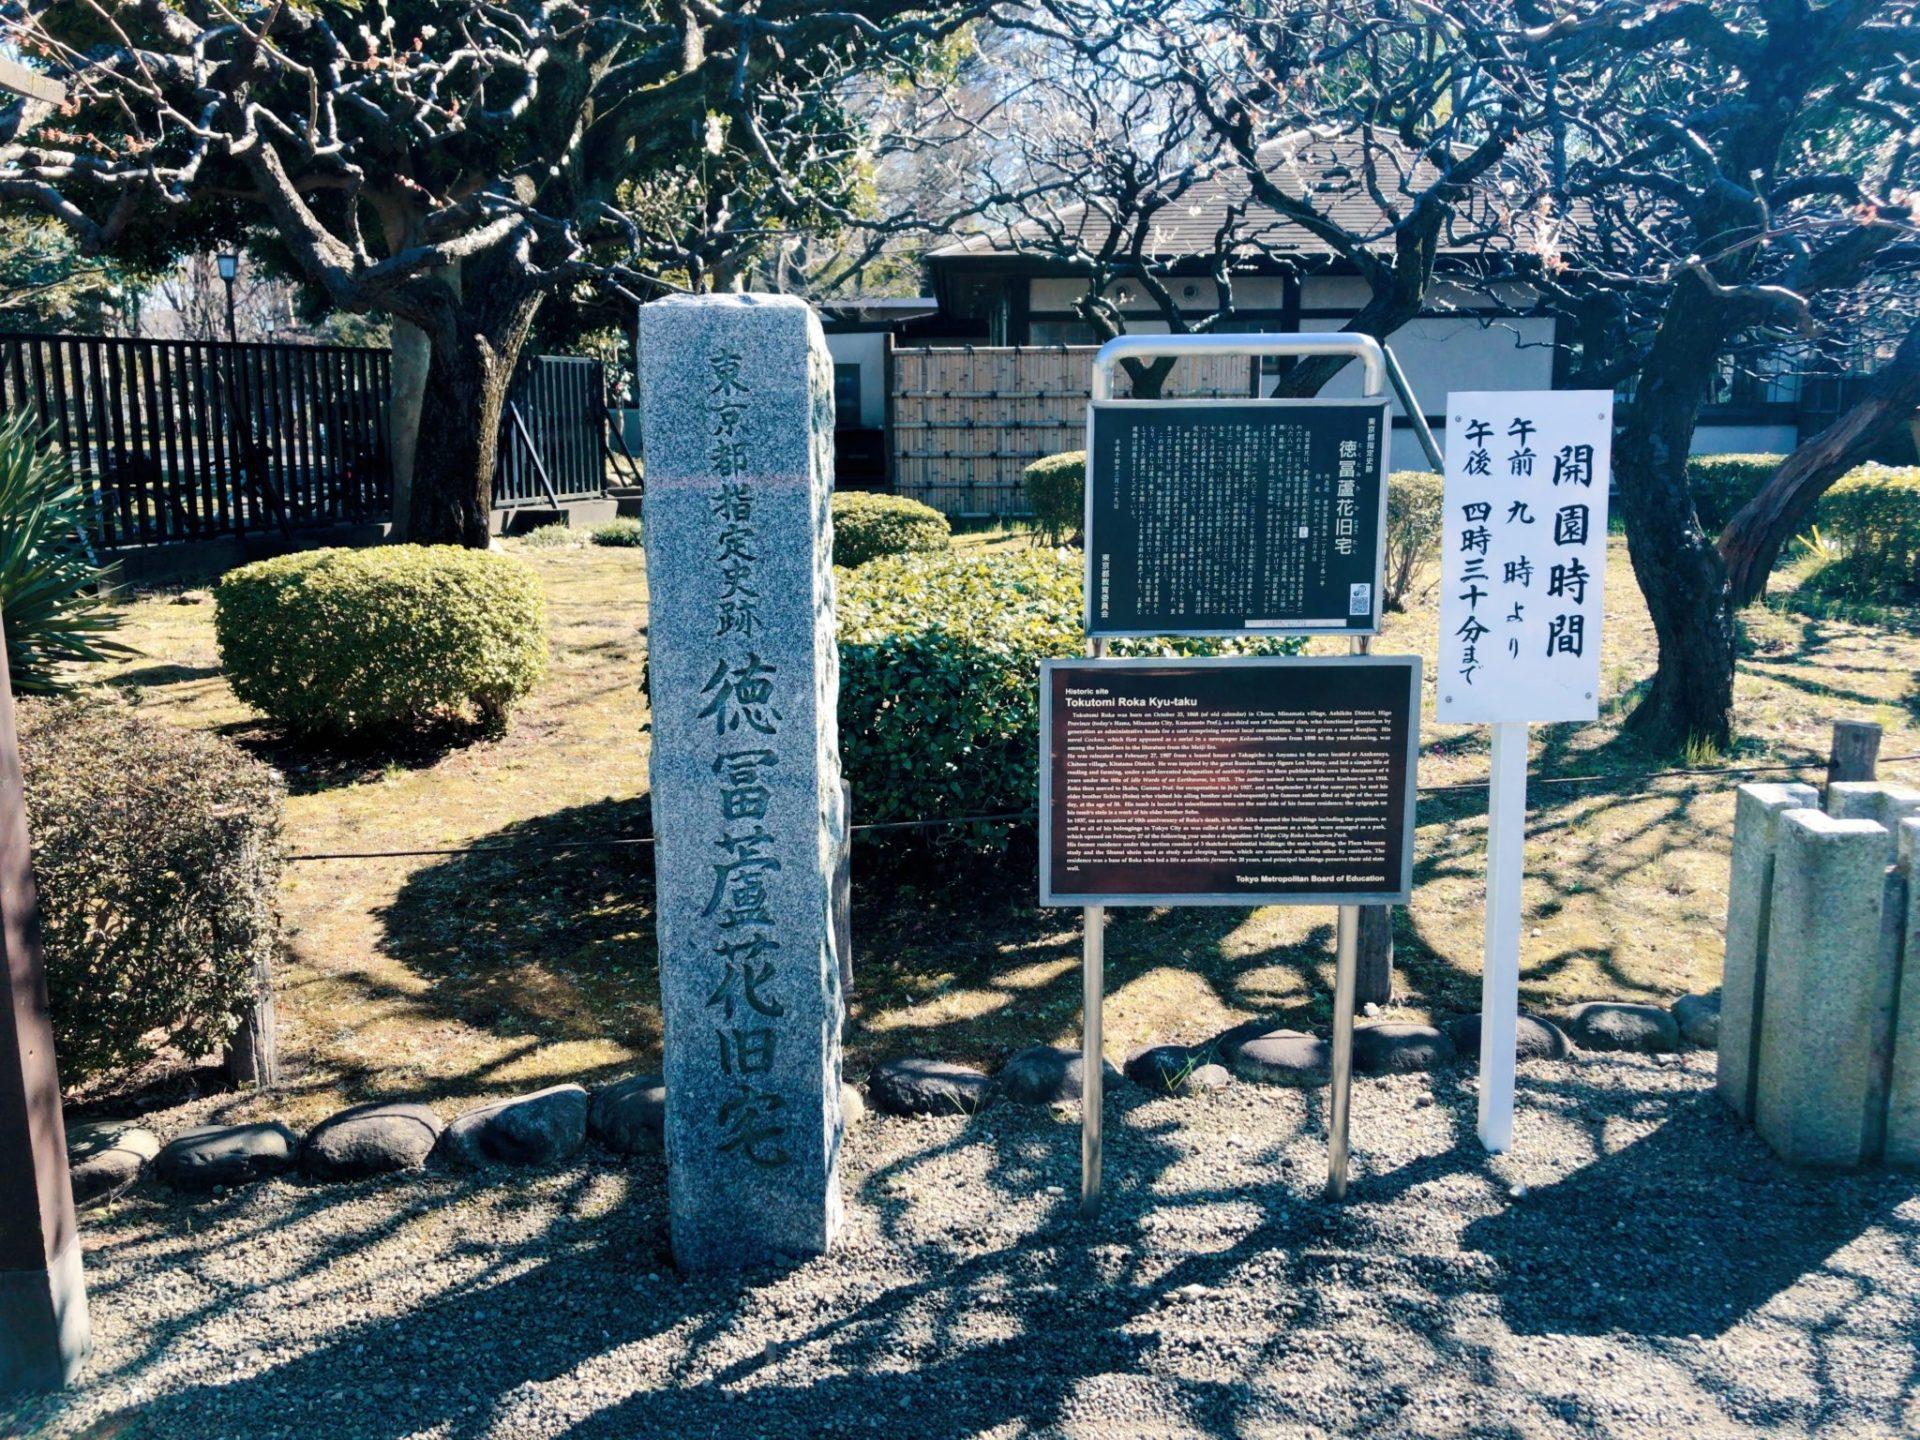 芦花公園(蘆花恒春園)の徳冨蘆花邸宅記念碑